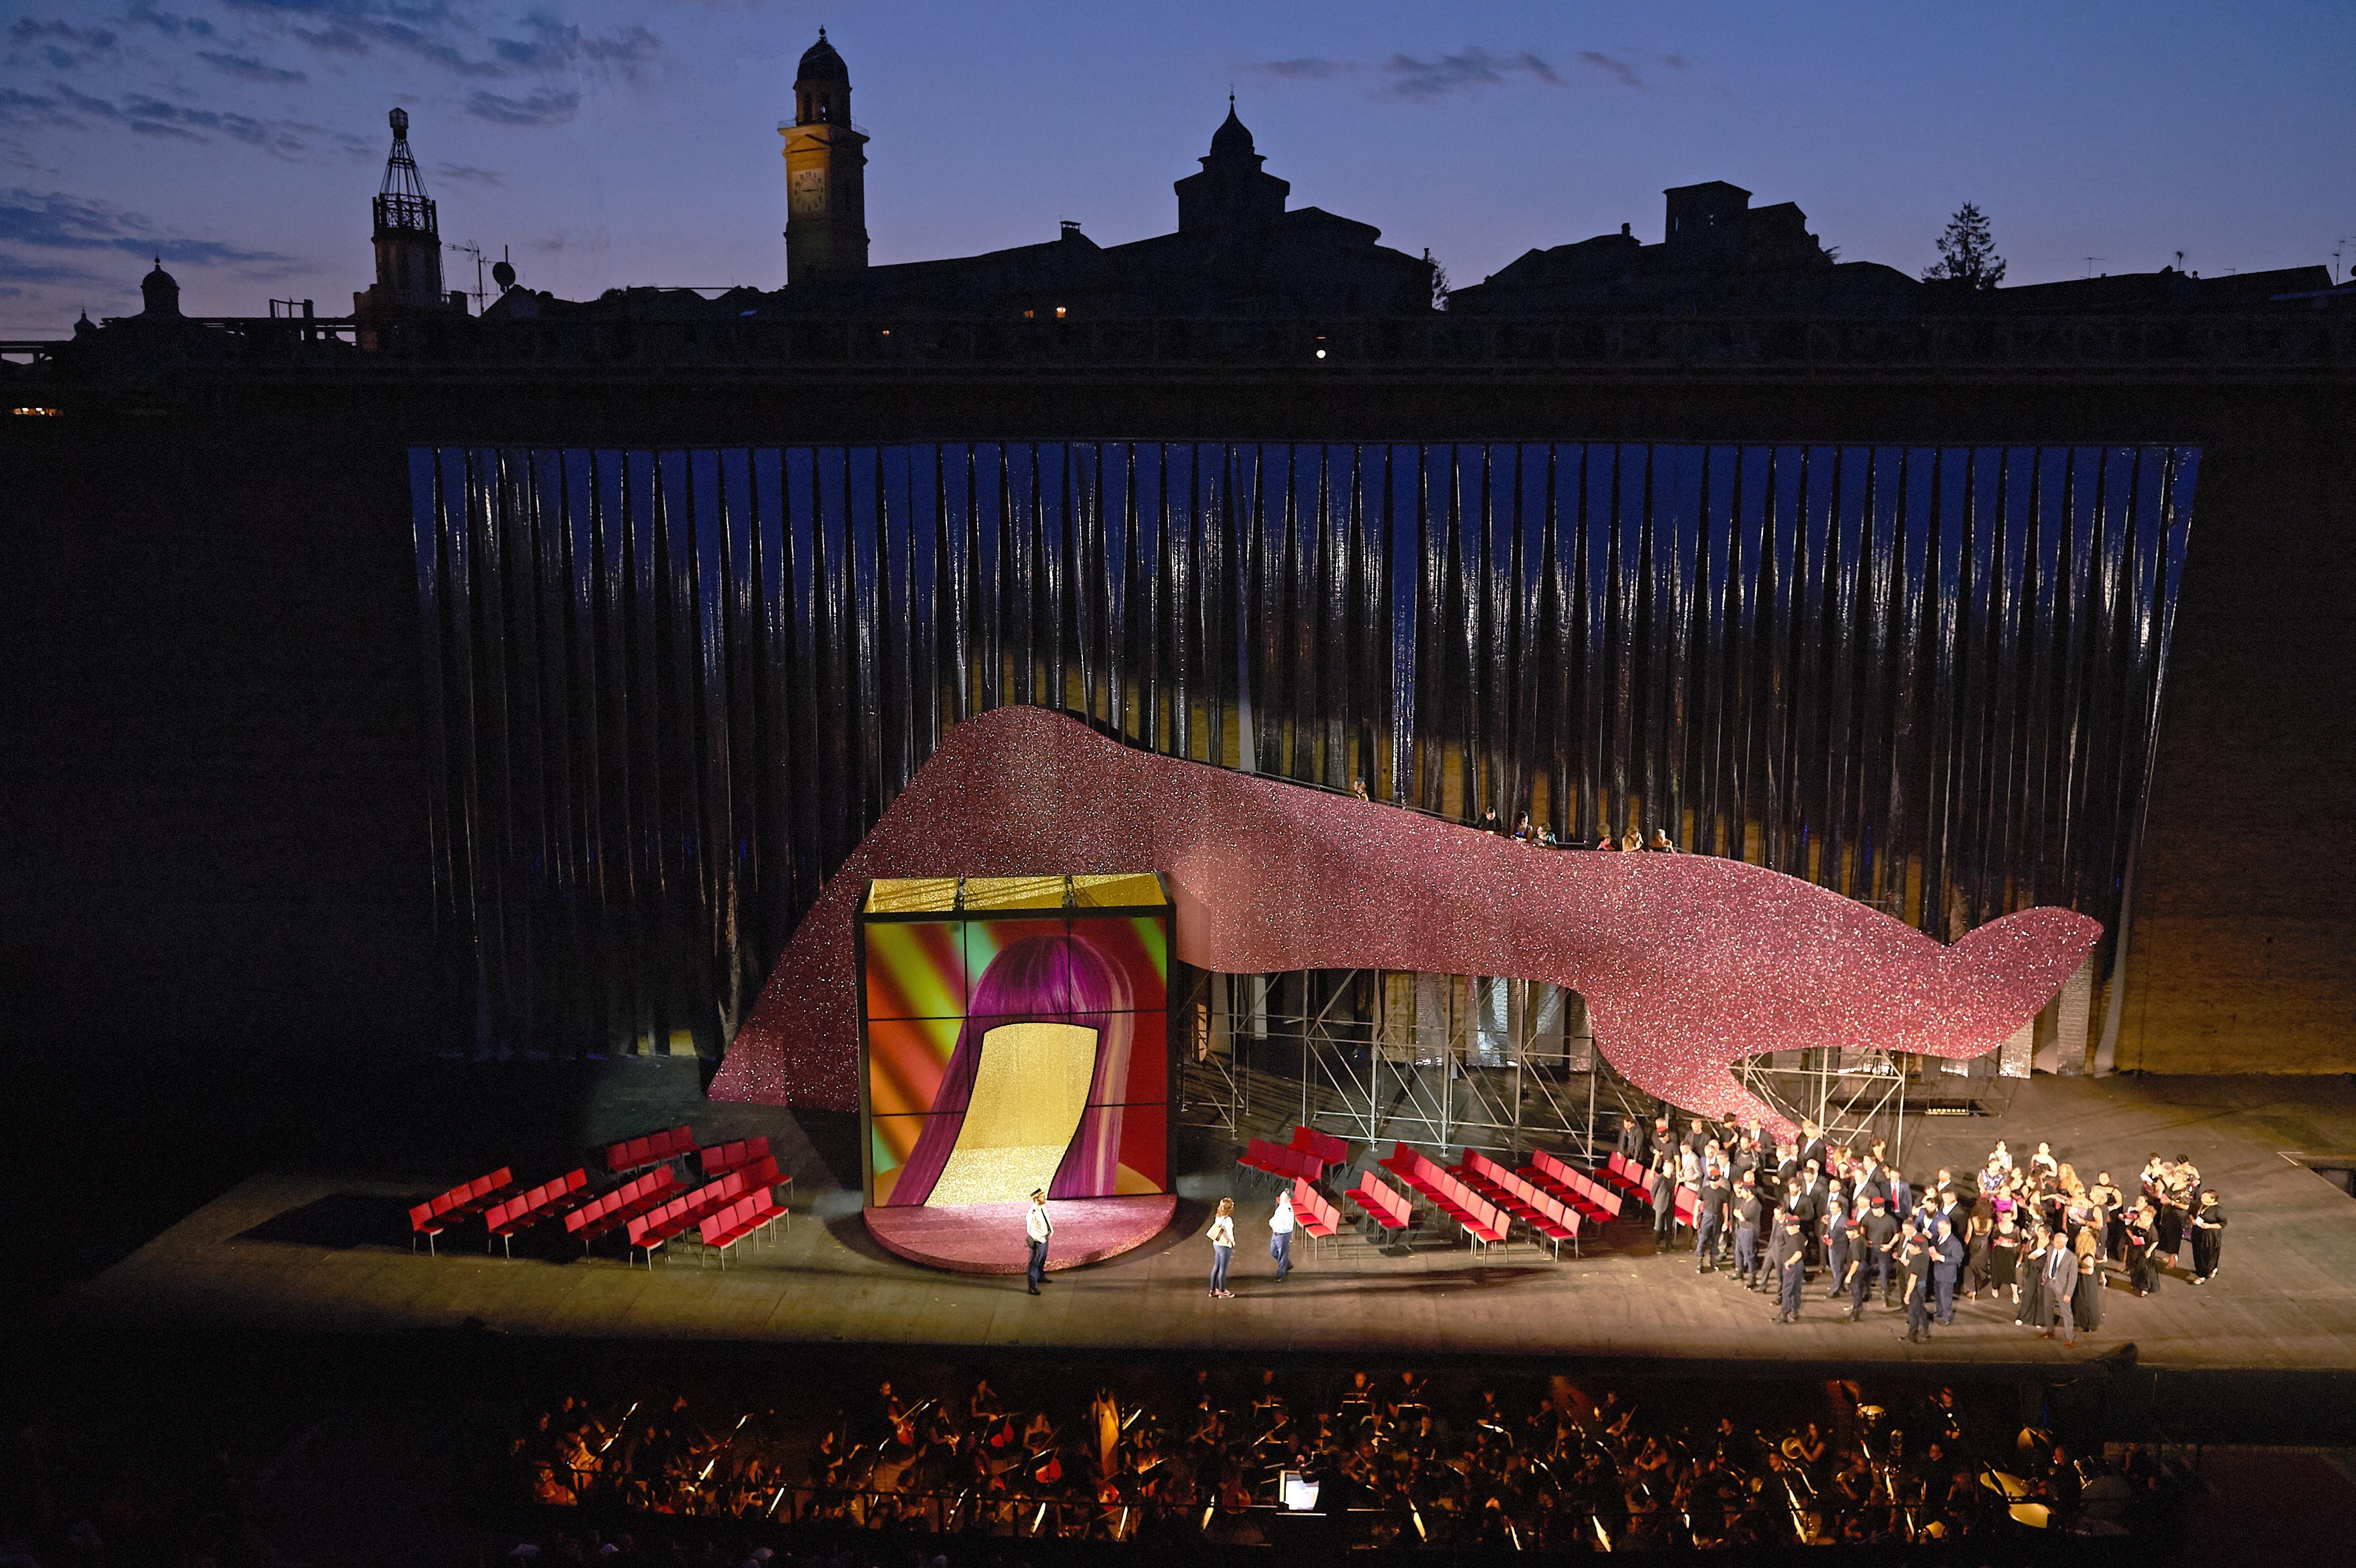 L'Opera ai tempi del Covid-19